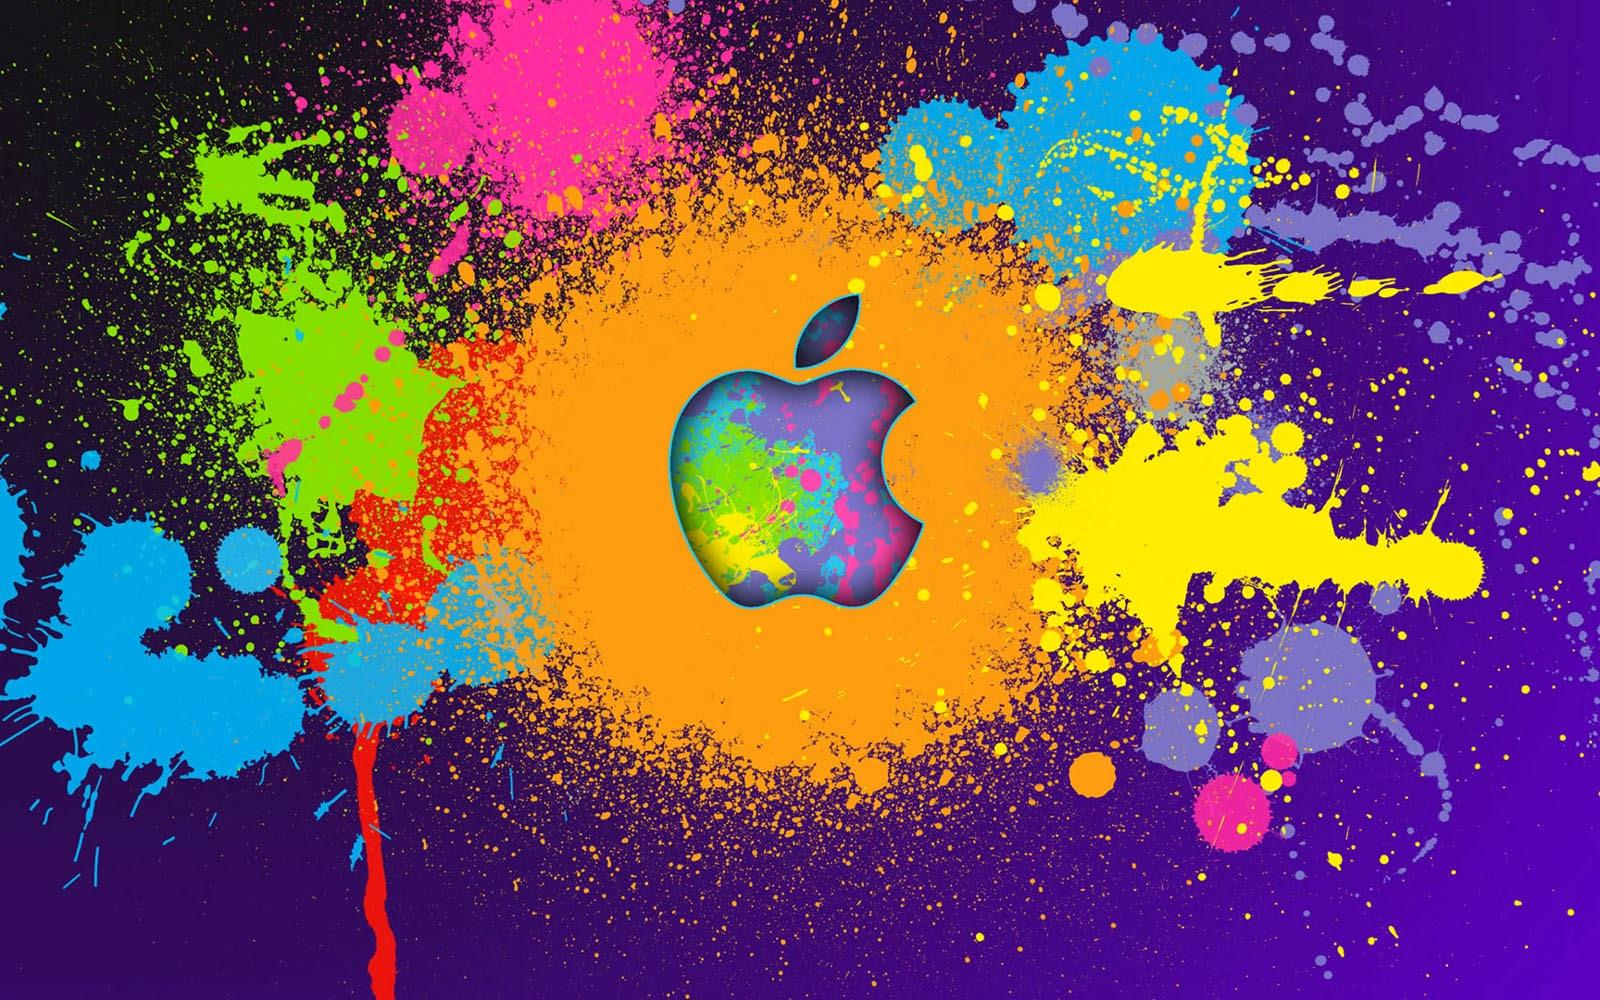 Apple Desktop Wallpapers   Top Wallpaper Desktop 1600x1000